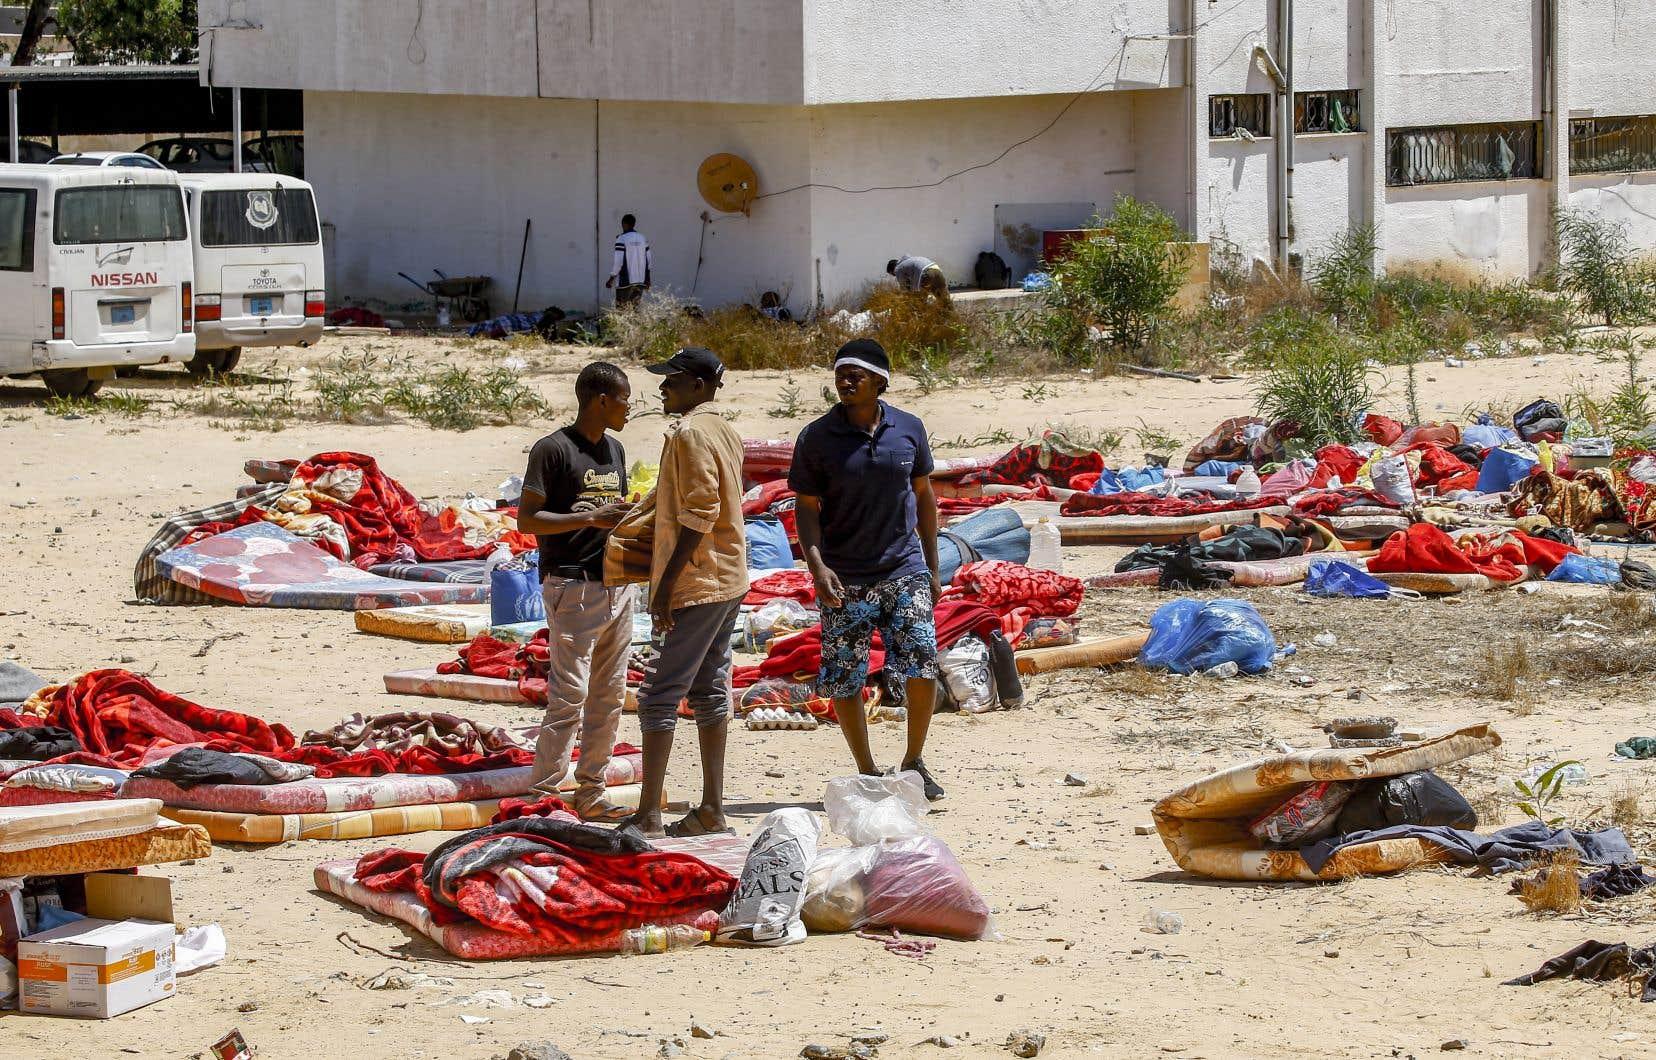 En Libye, le centre de détention touché par l'attaque abritait environ 600 migrants, en majorité érythréens et soudanais.